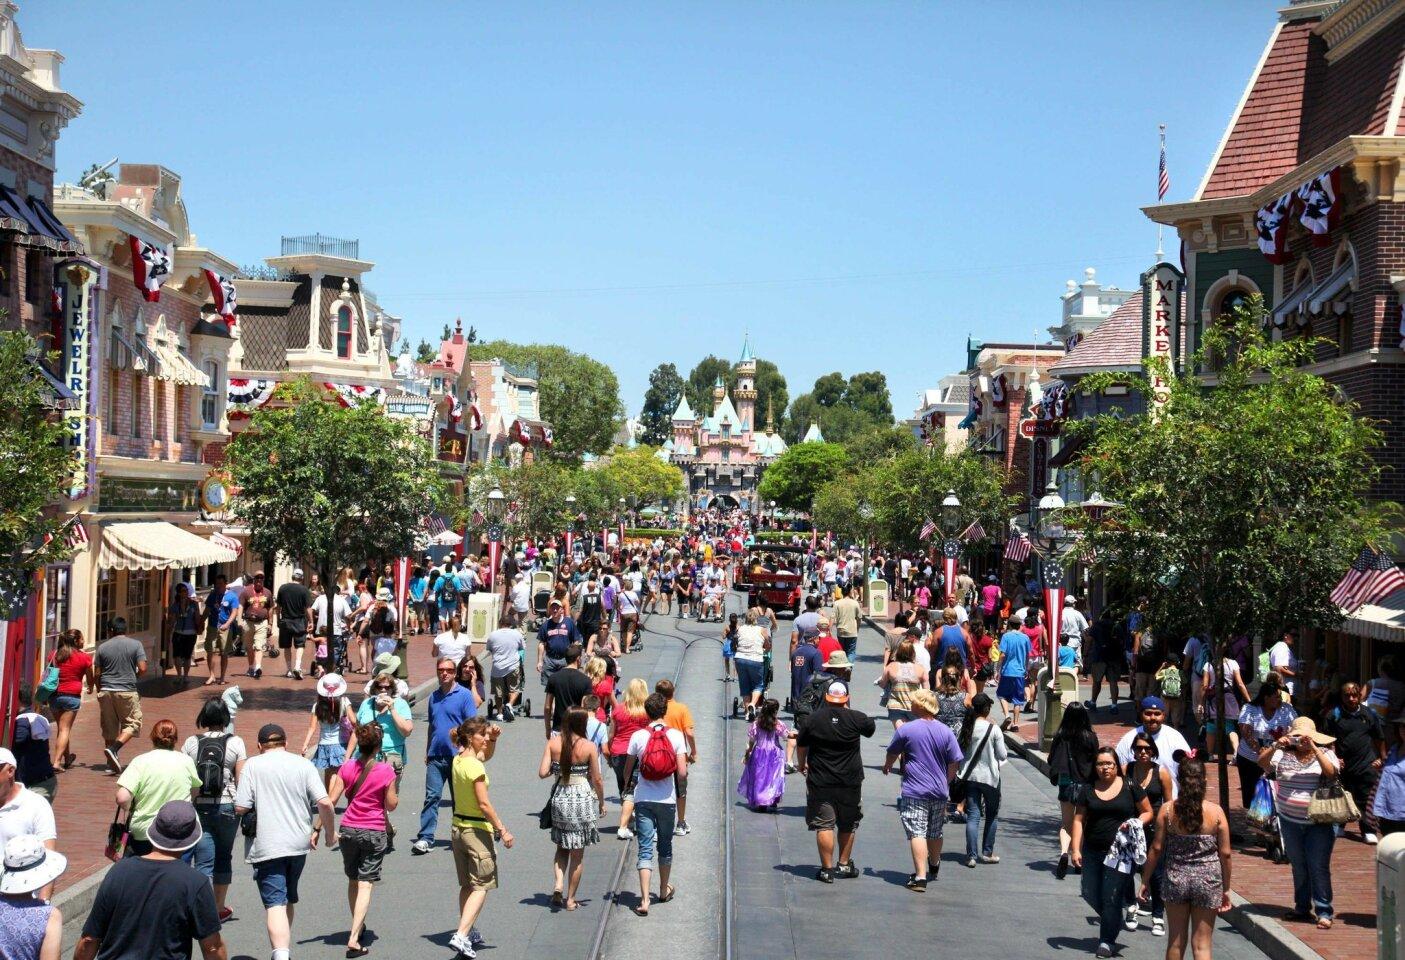 Disney retailing